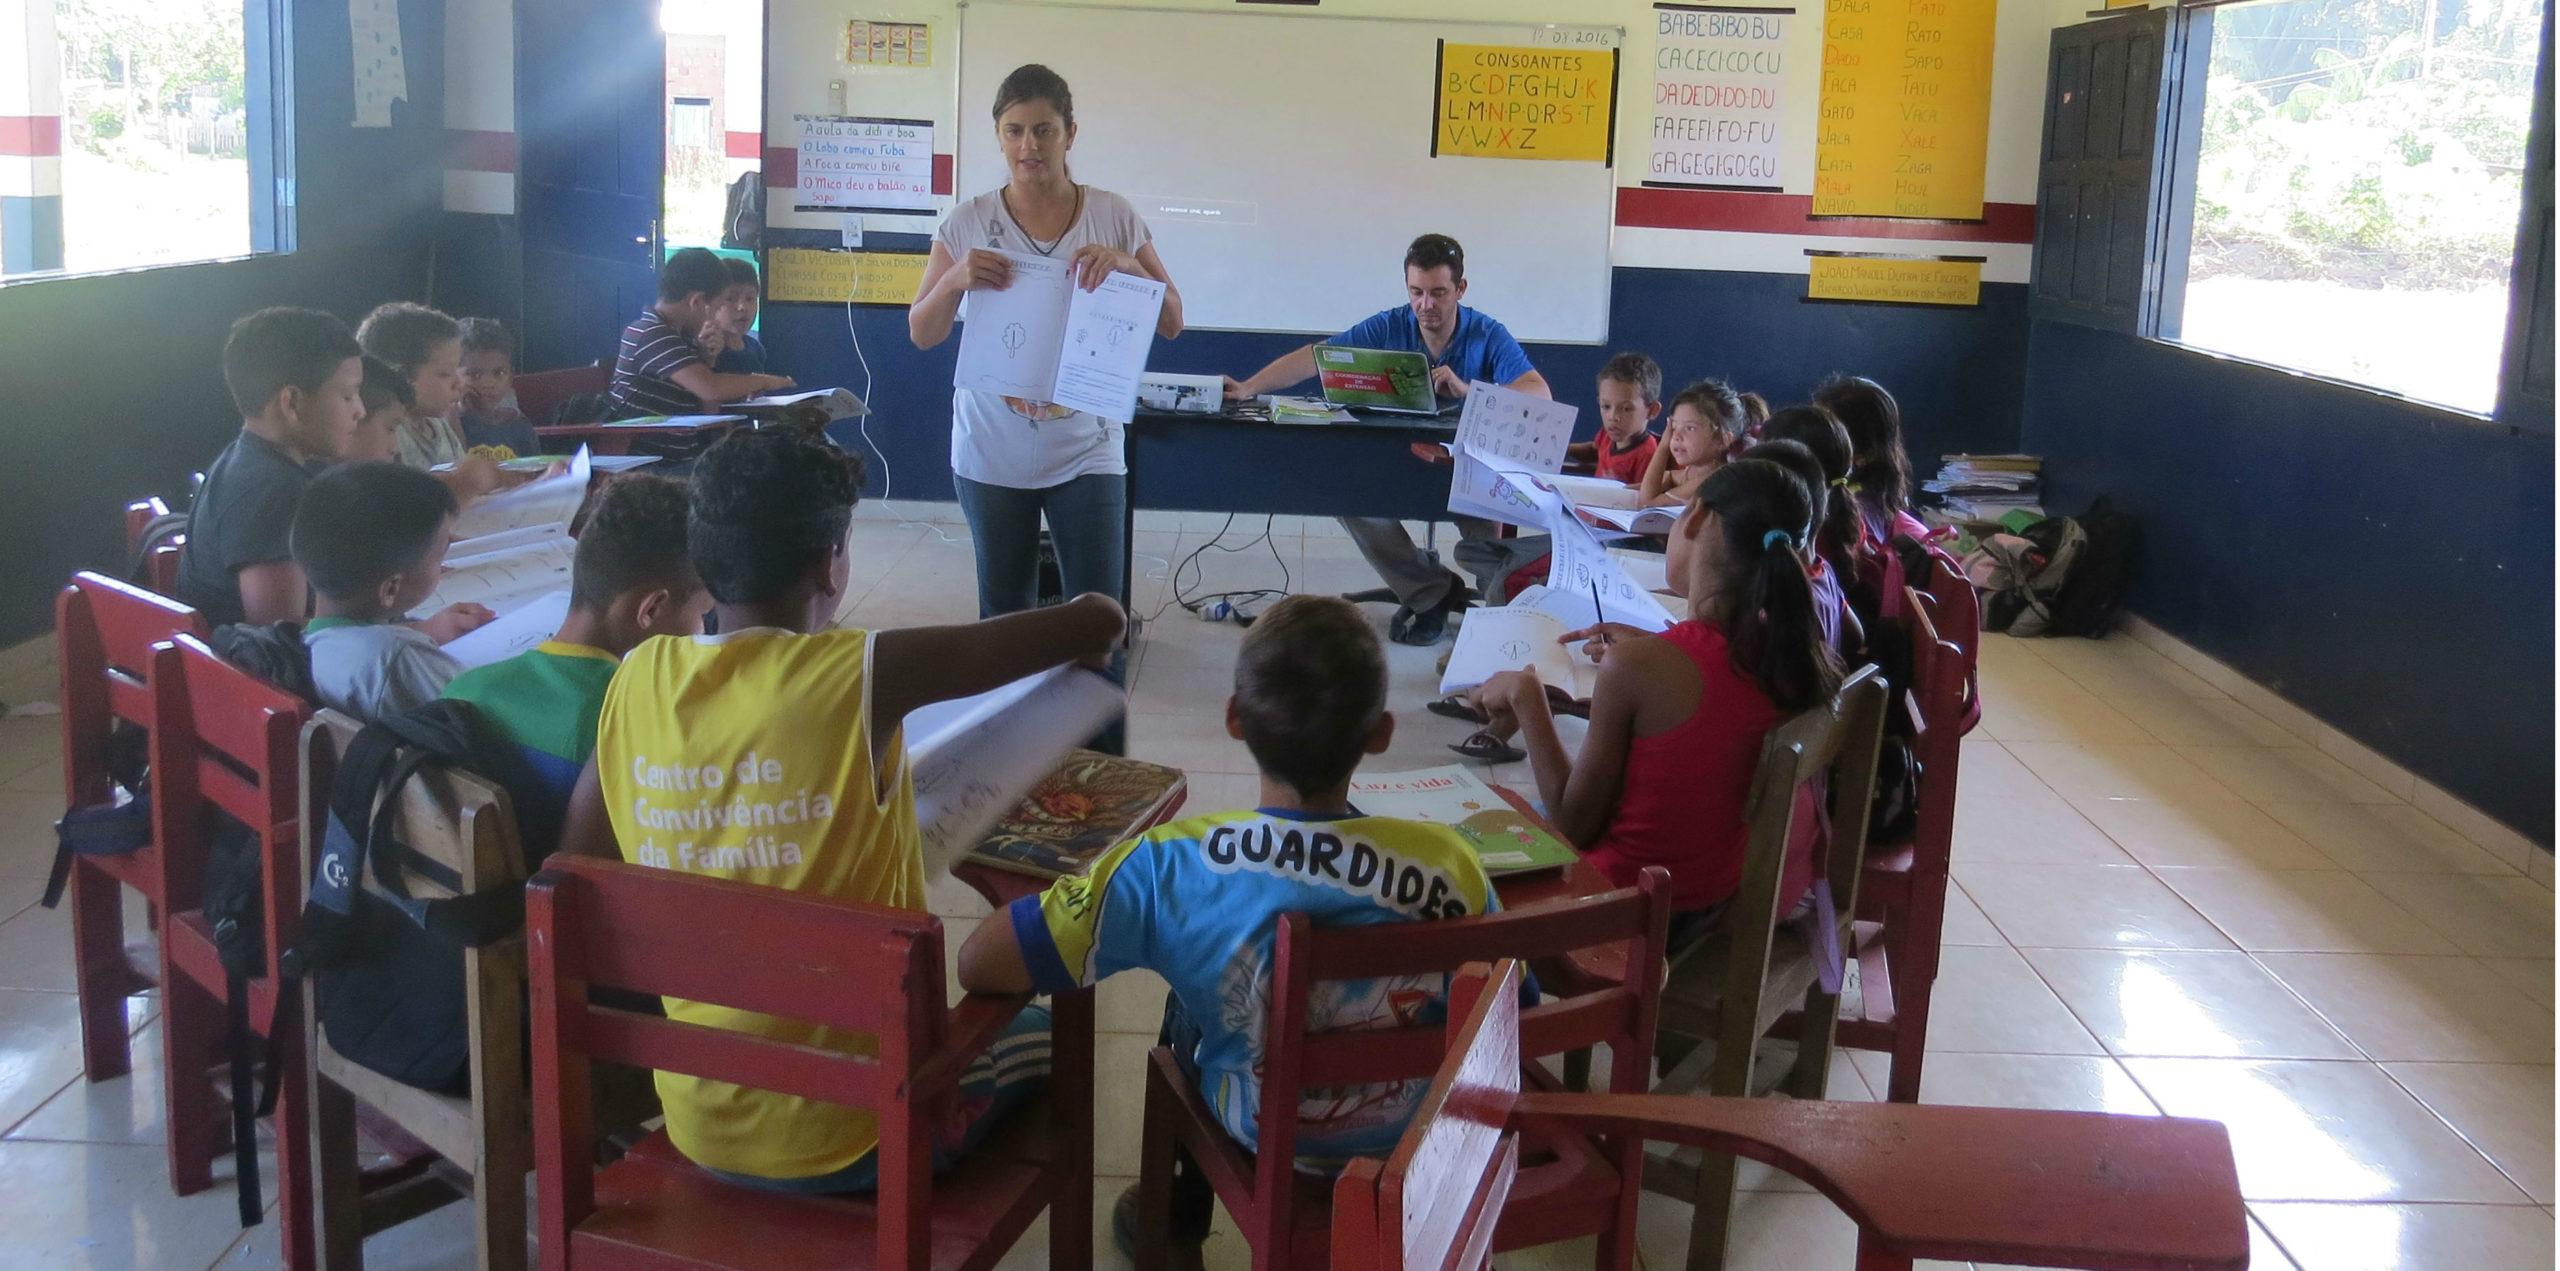 Projetos para crianças da Amazônia